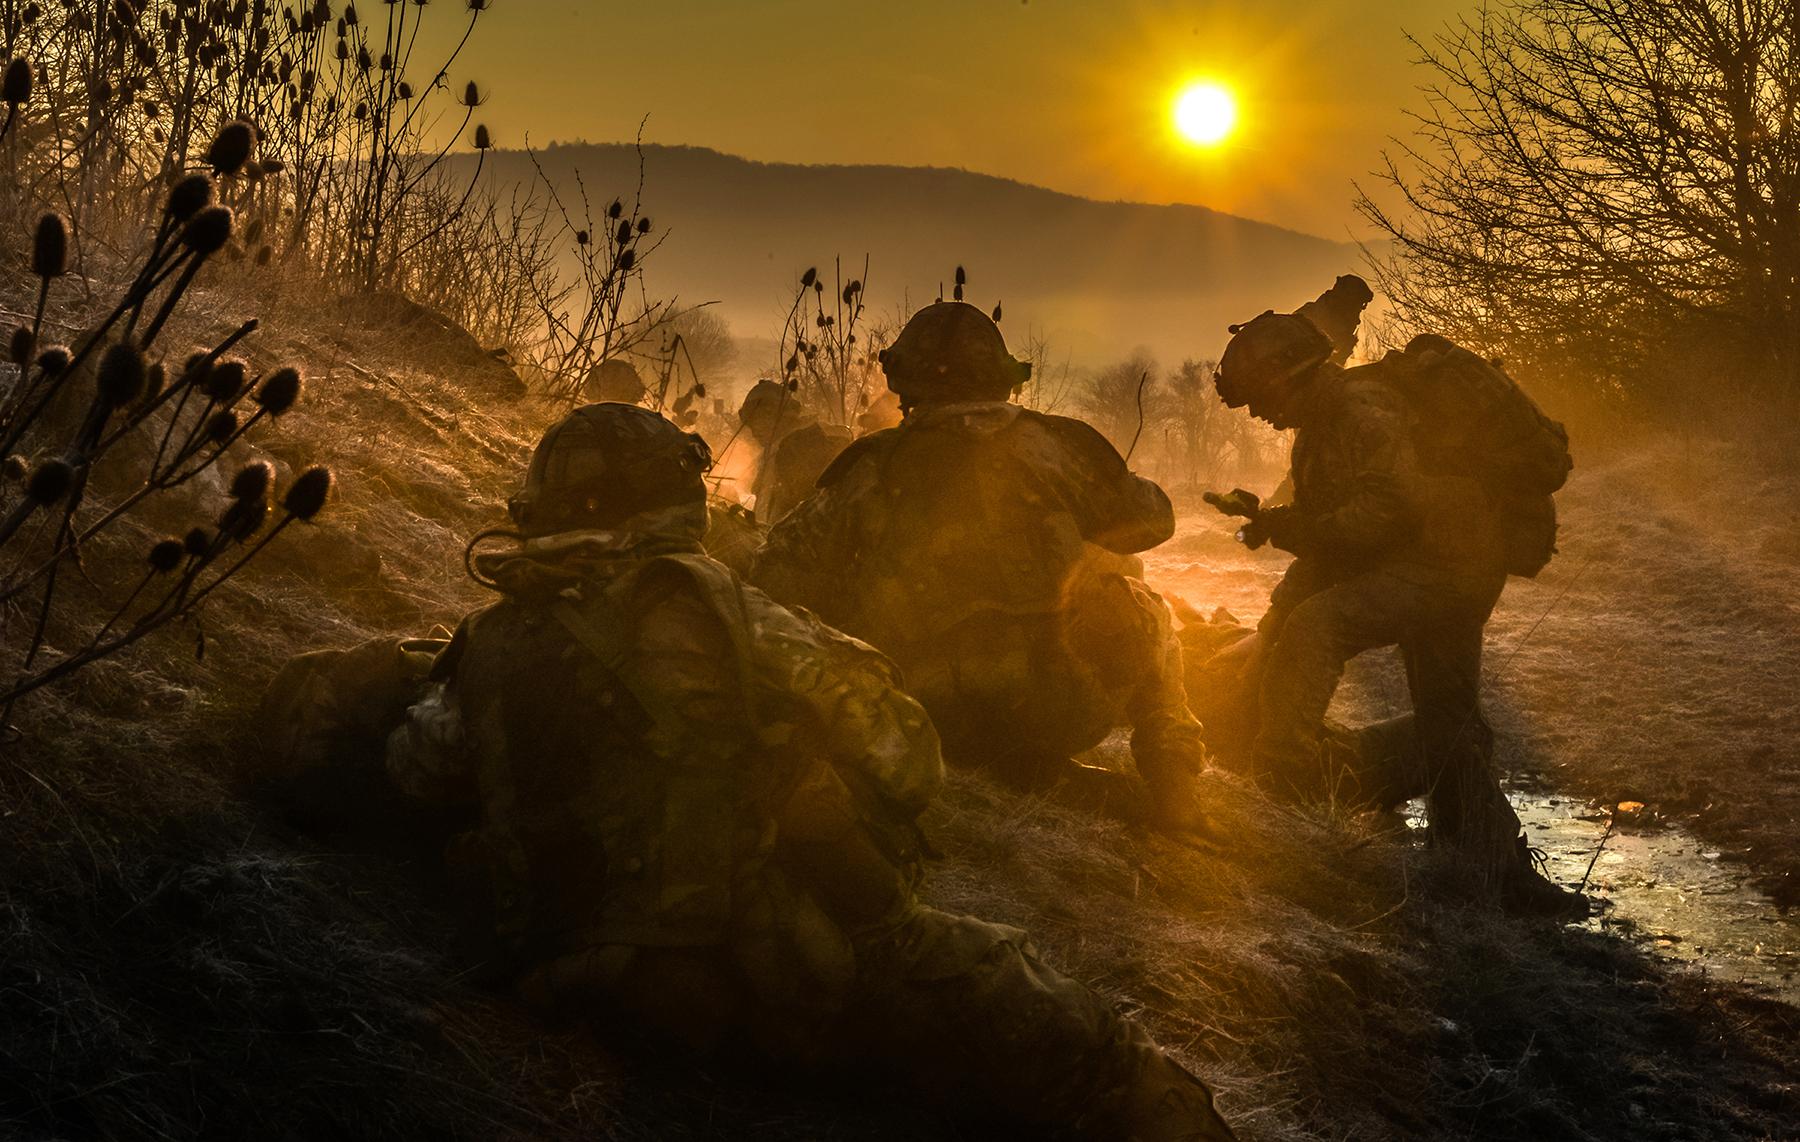 BILATERALE FORSVARSAVTALER? Et svekket NATO kan føre til at Norge søker et nærmere militært samarbeid med land som Storbritannia. Her: Britiske offiserskadetter på øvelse. Foto: STORBRITANNIAS FORSVARSDEPARTEMENT